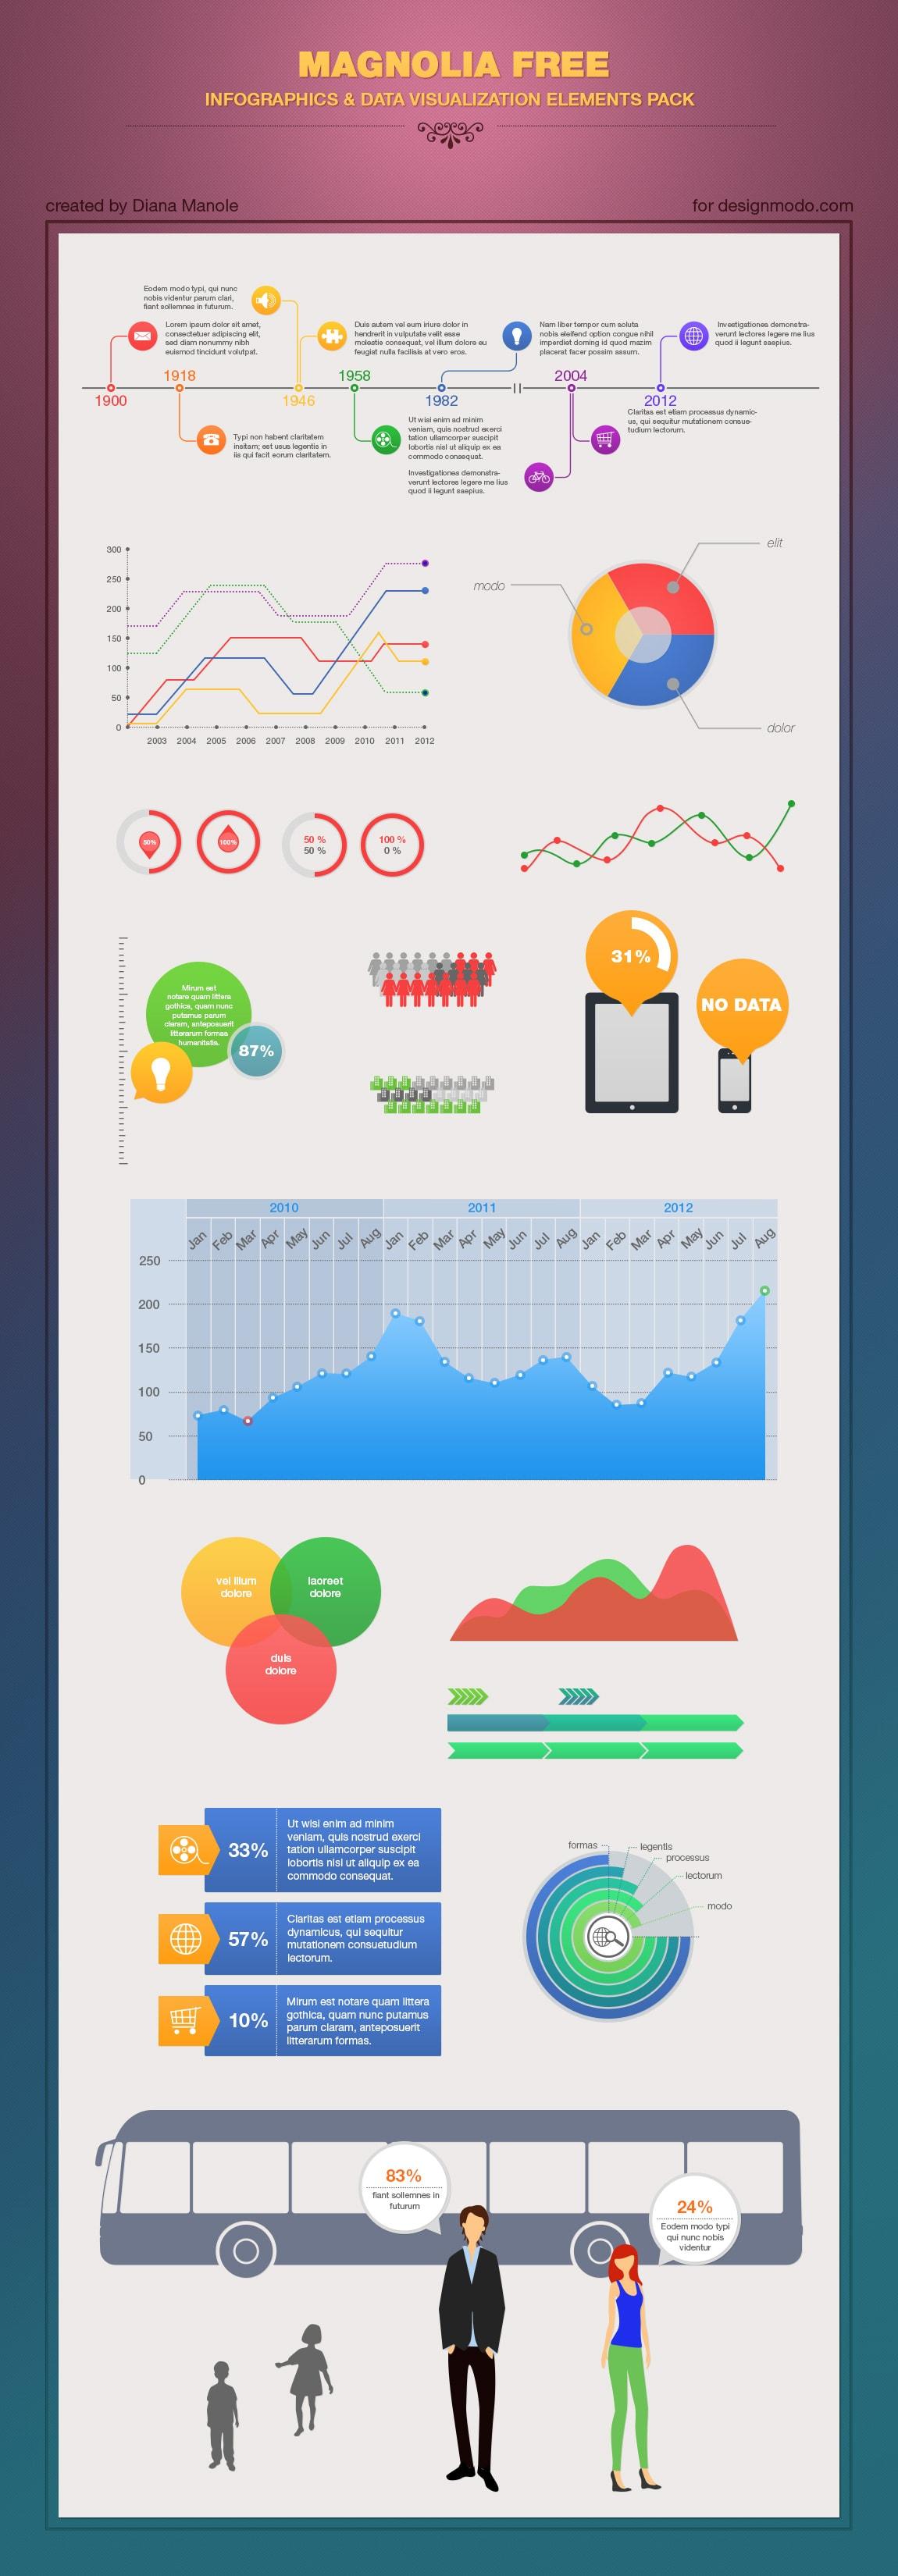 Magnolia Free   Infographic PSD Template   Designmodo 0fsT3hxq